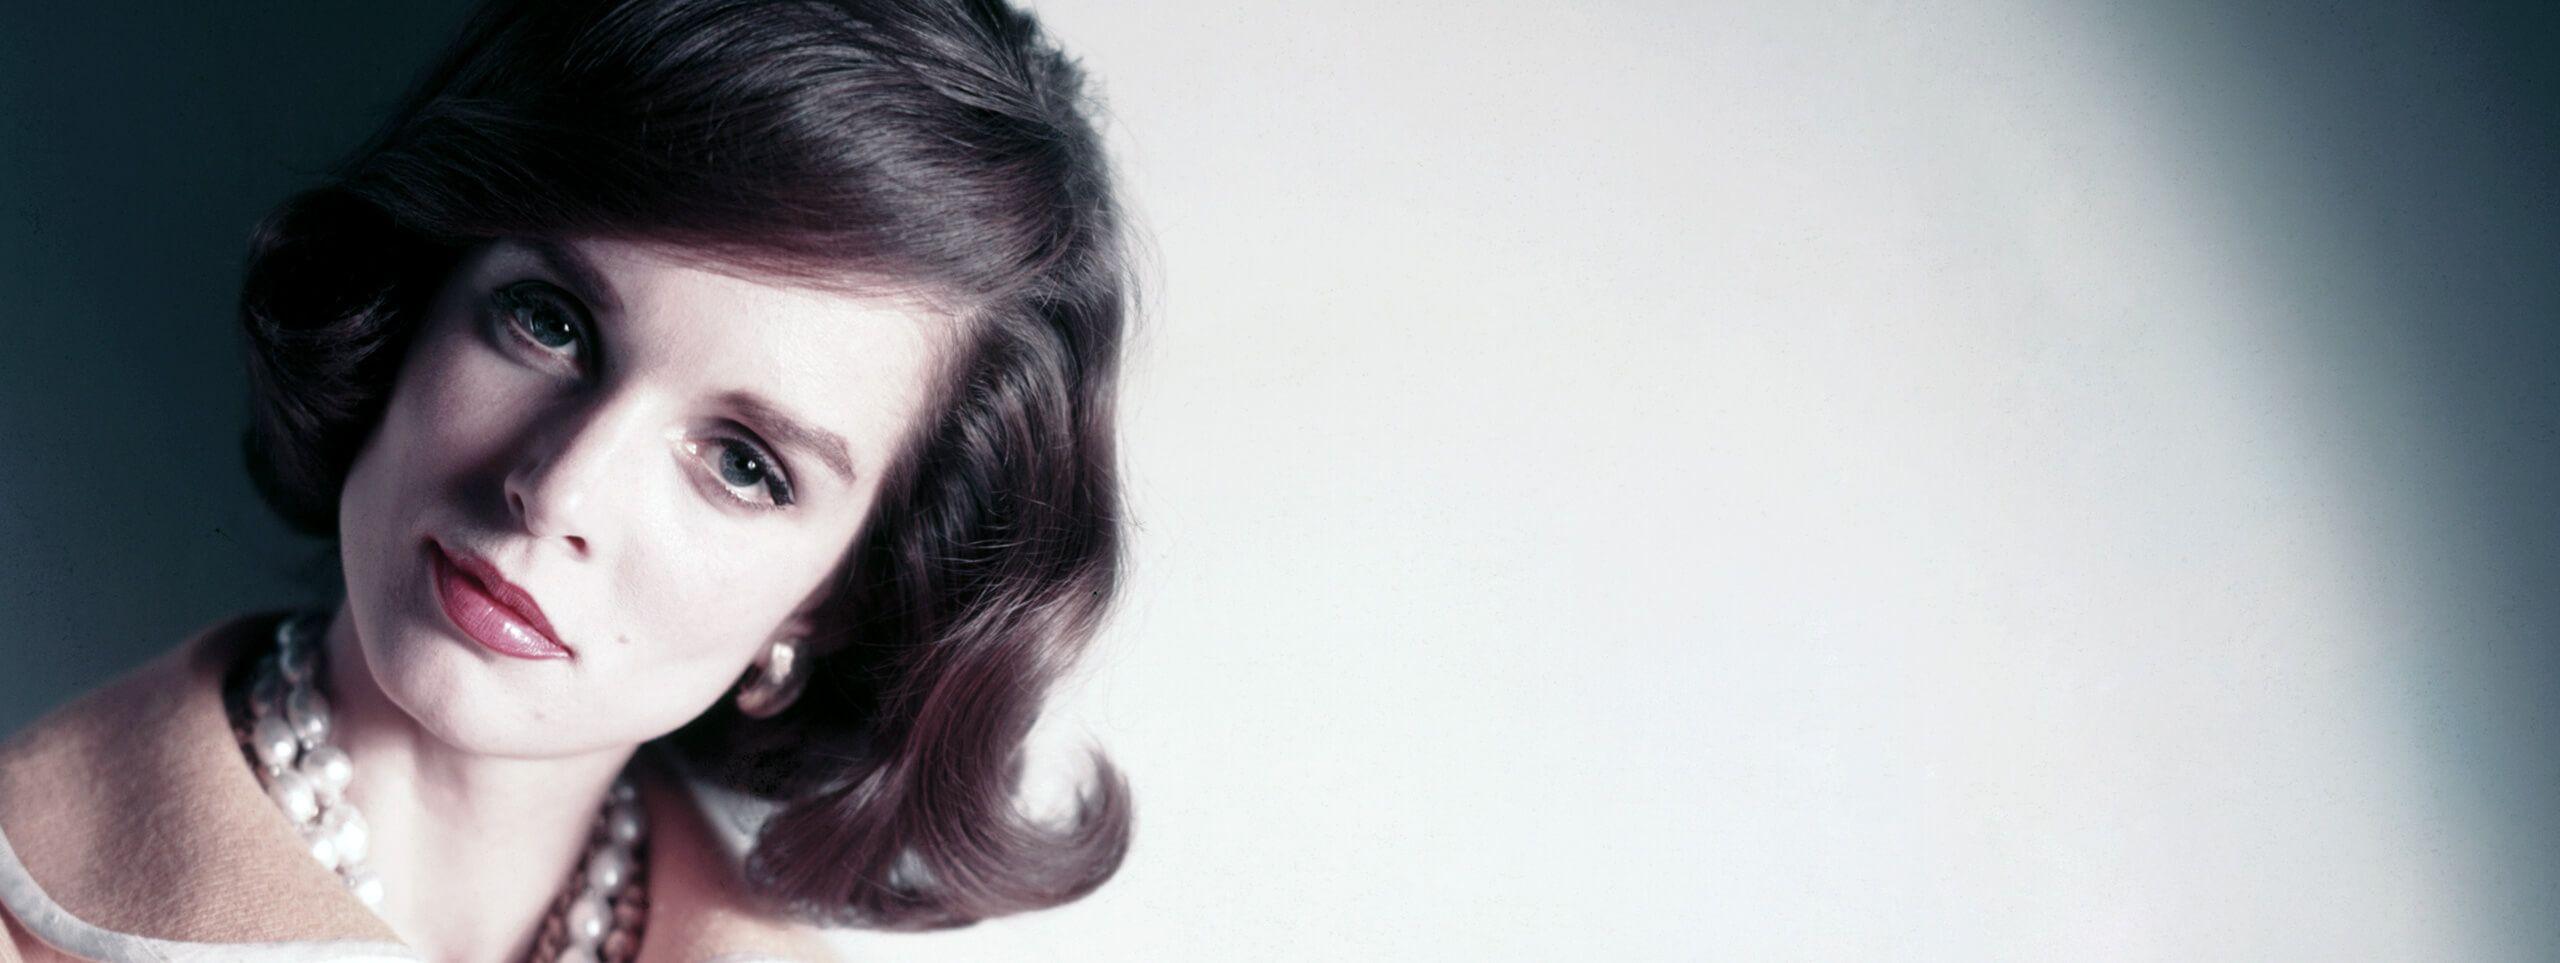 Kobieta z fryzurą w stylu lat 60-tych